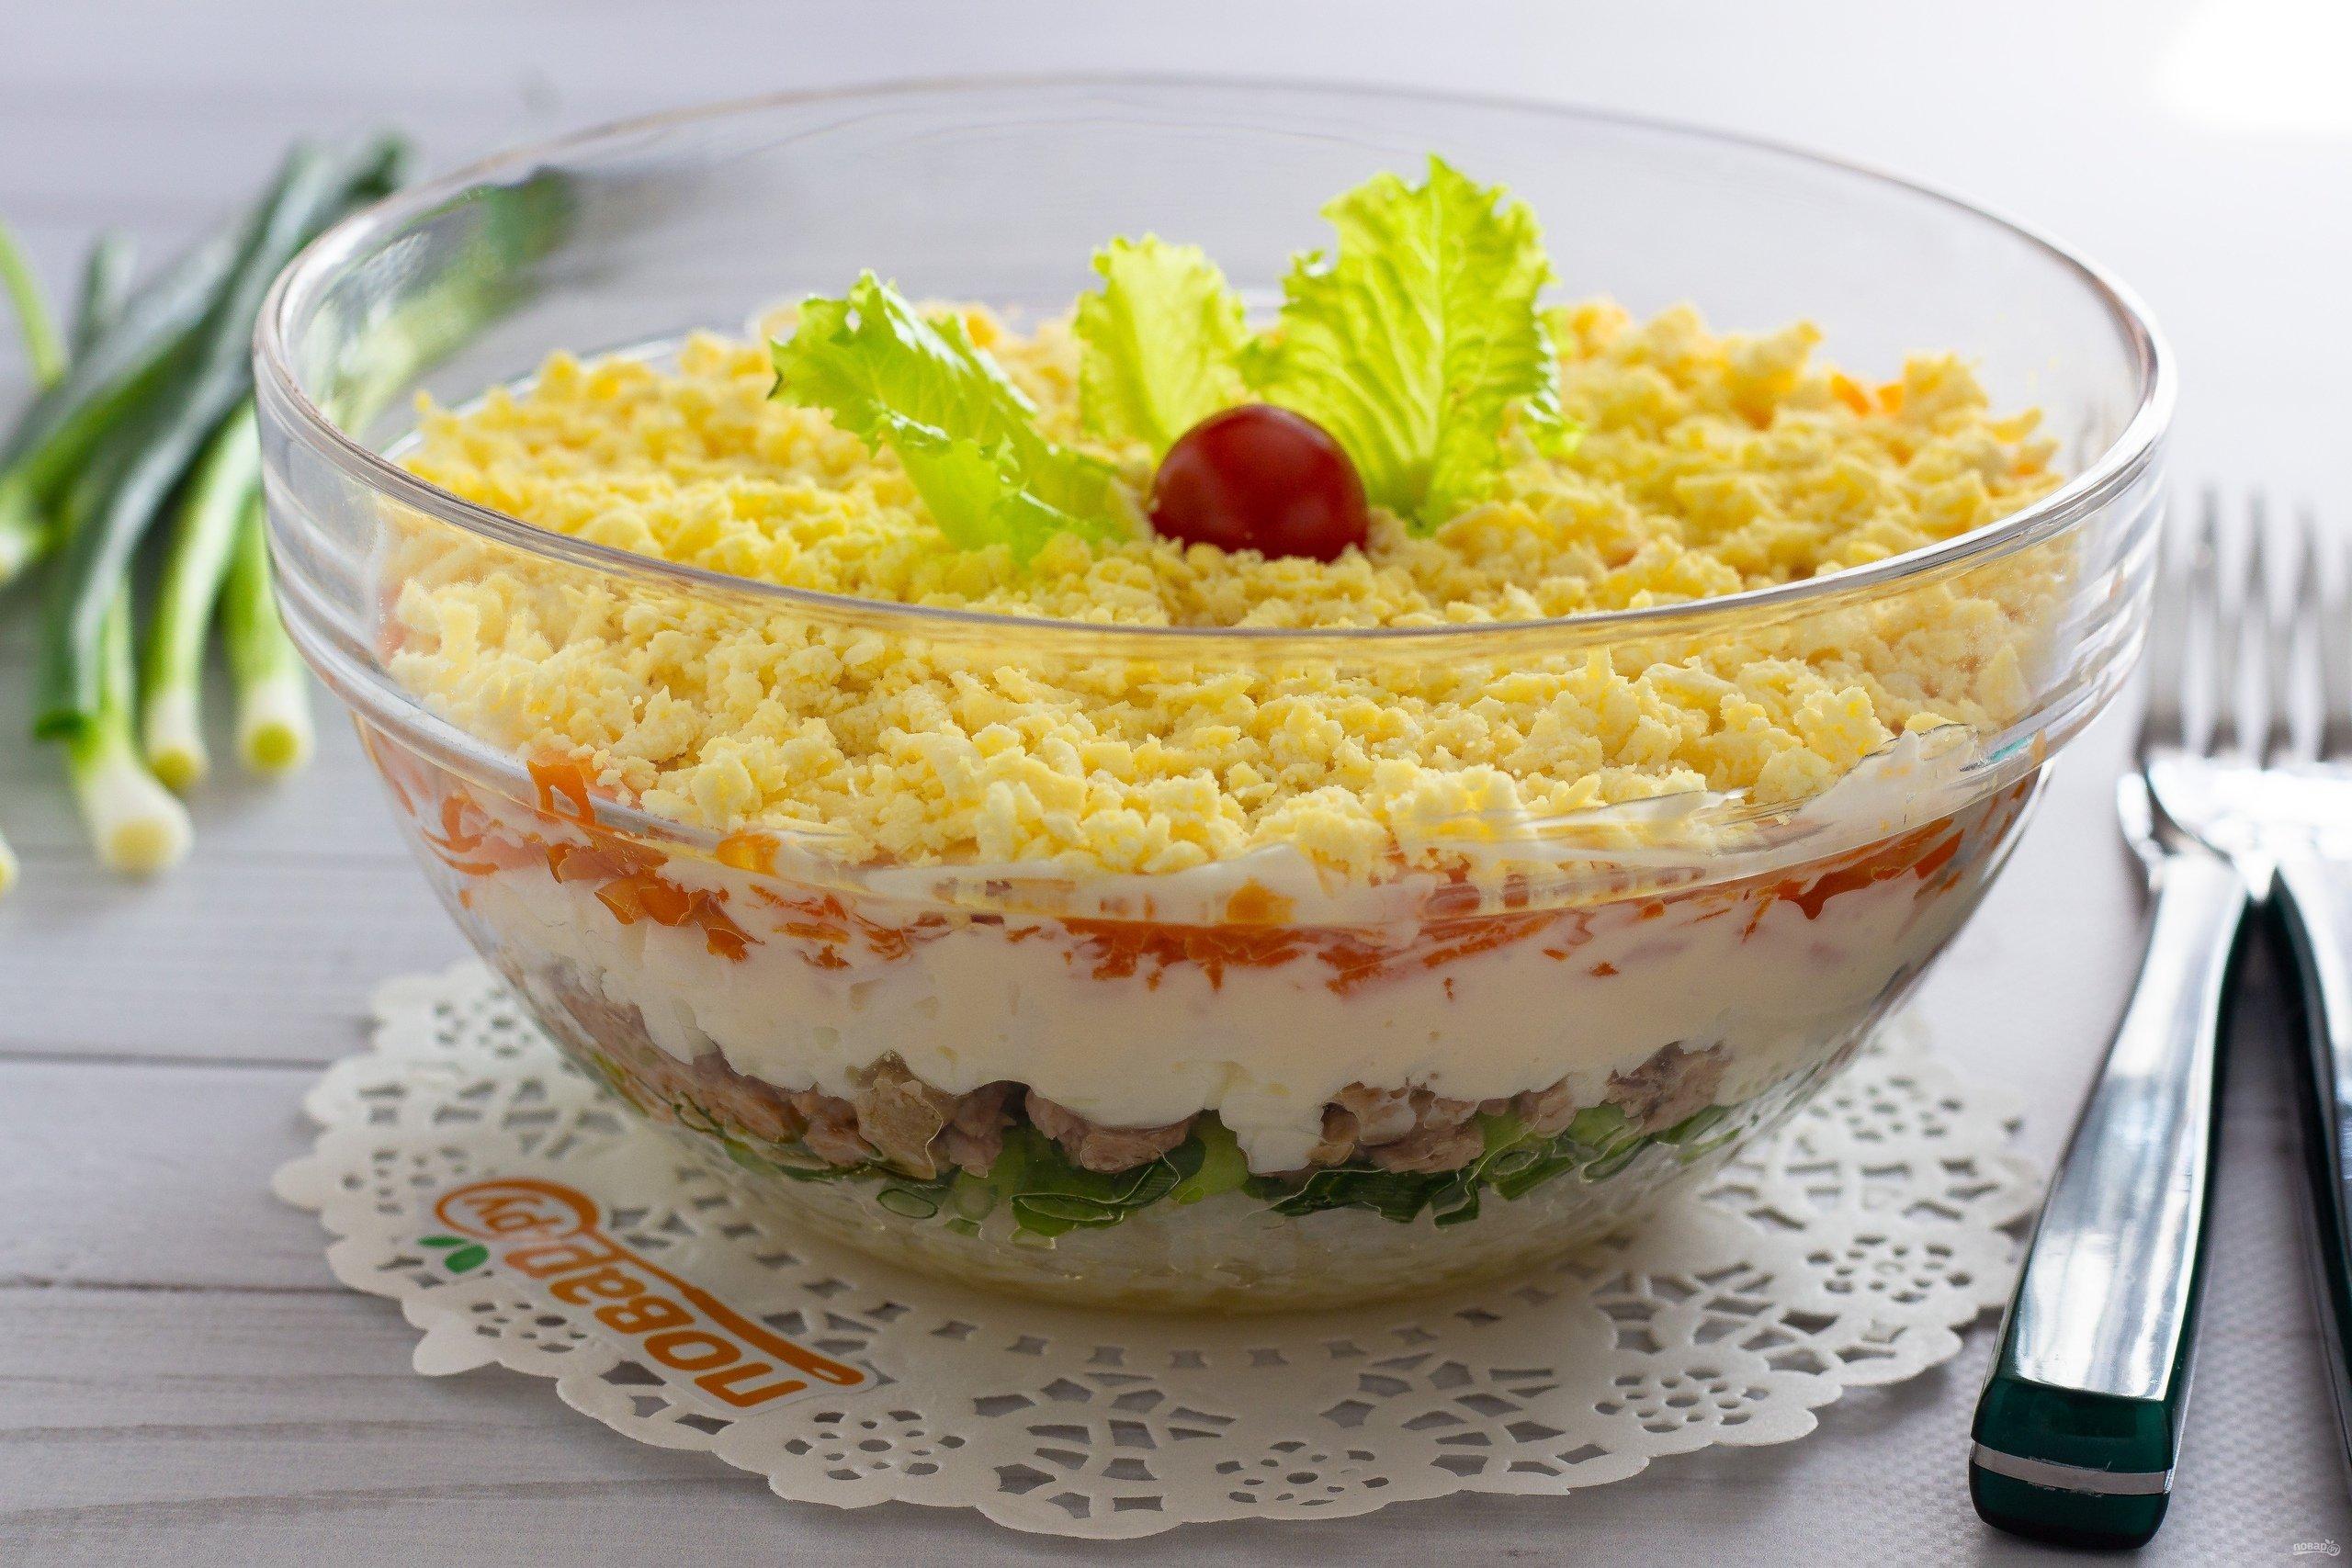 выбор вин рецепты салатов из печени трески с фотографиями был одним